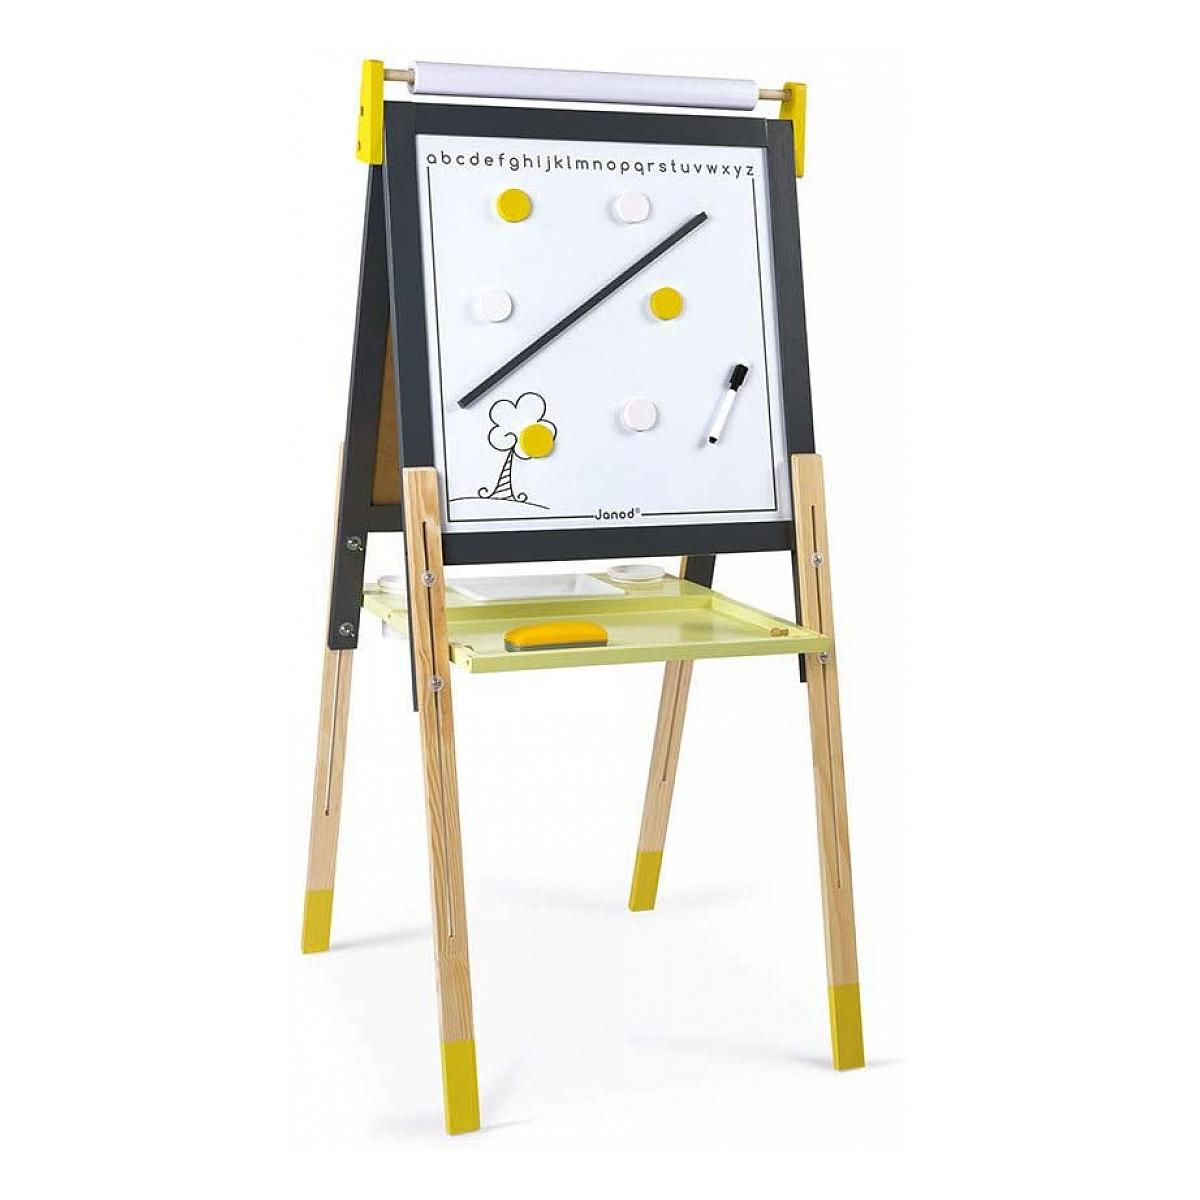 Janod - Tableau reglable gris jaune